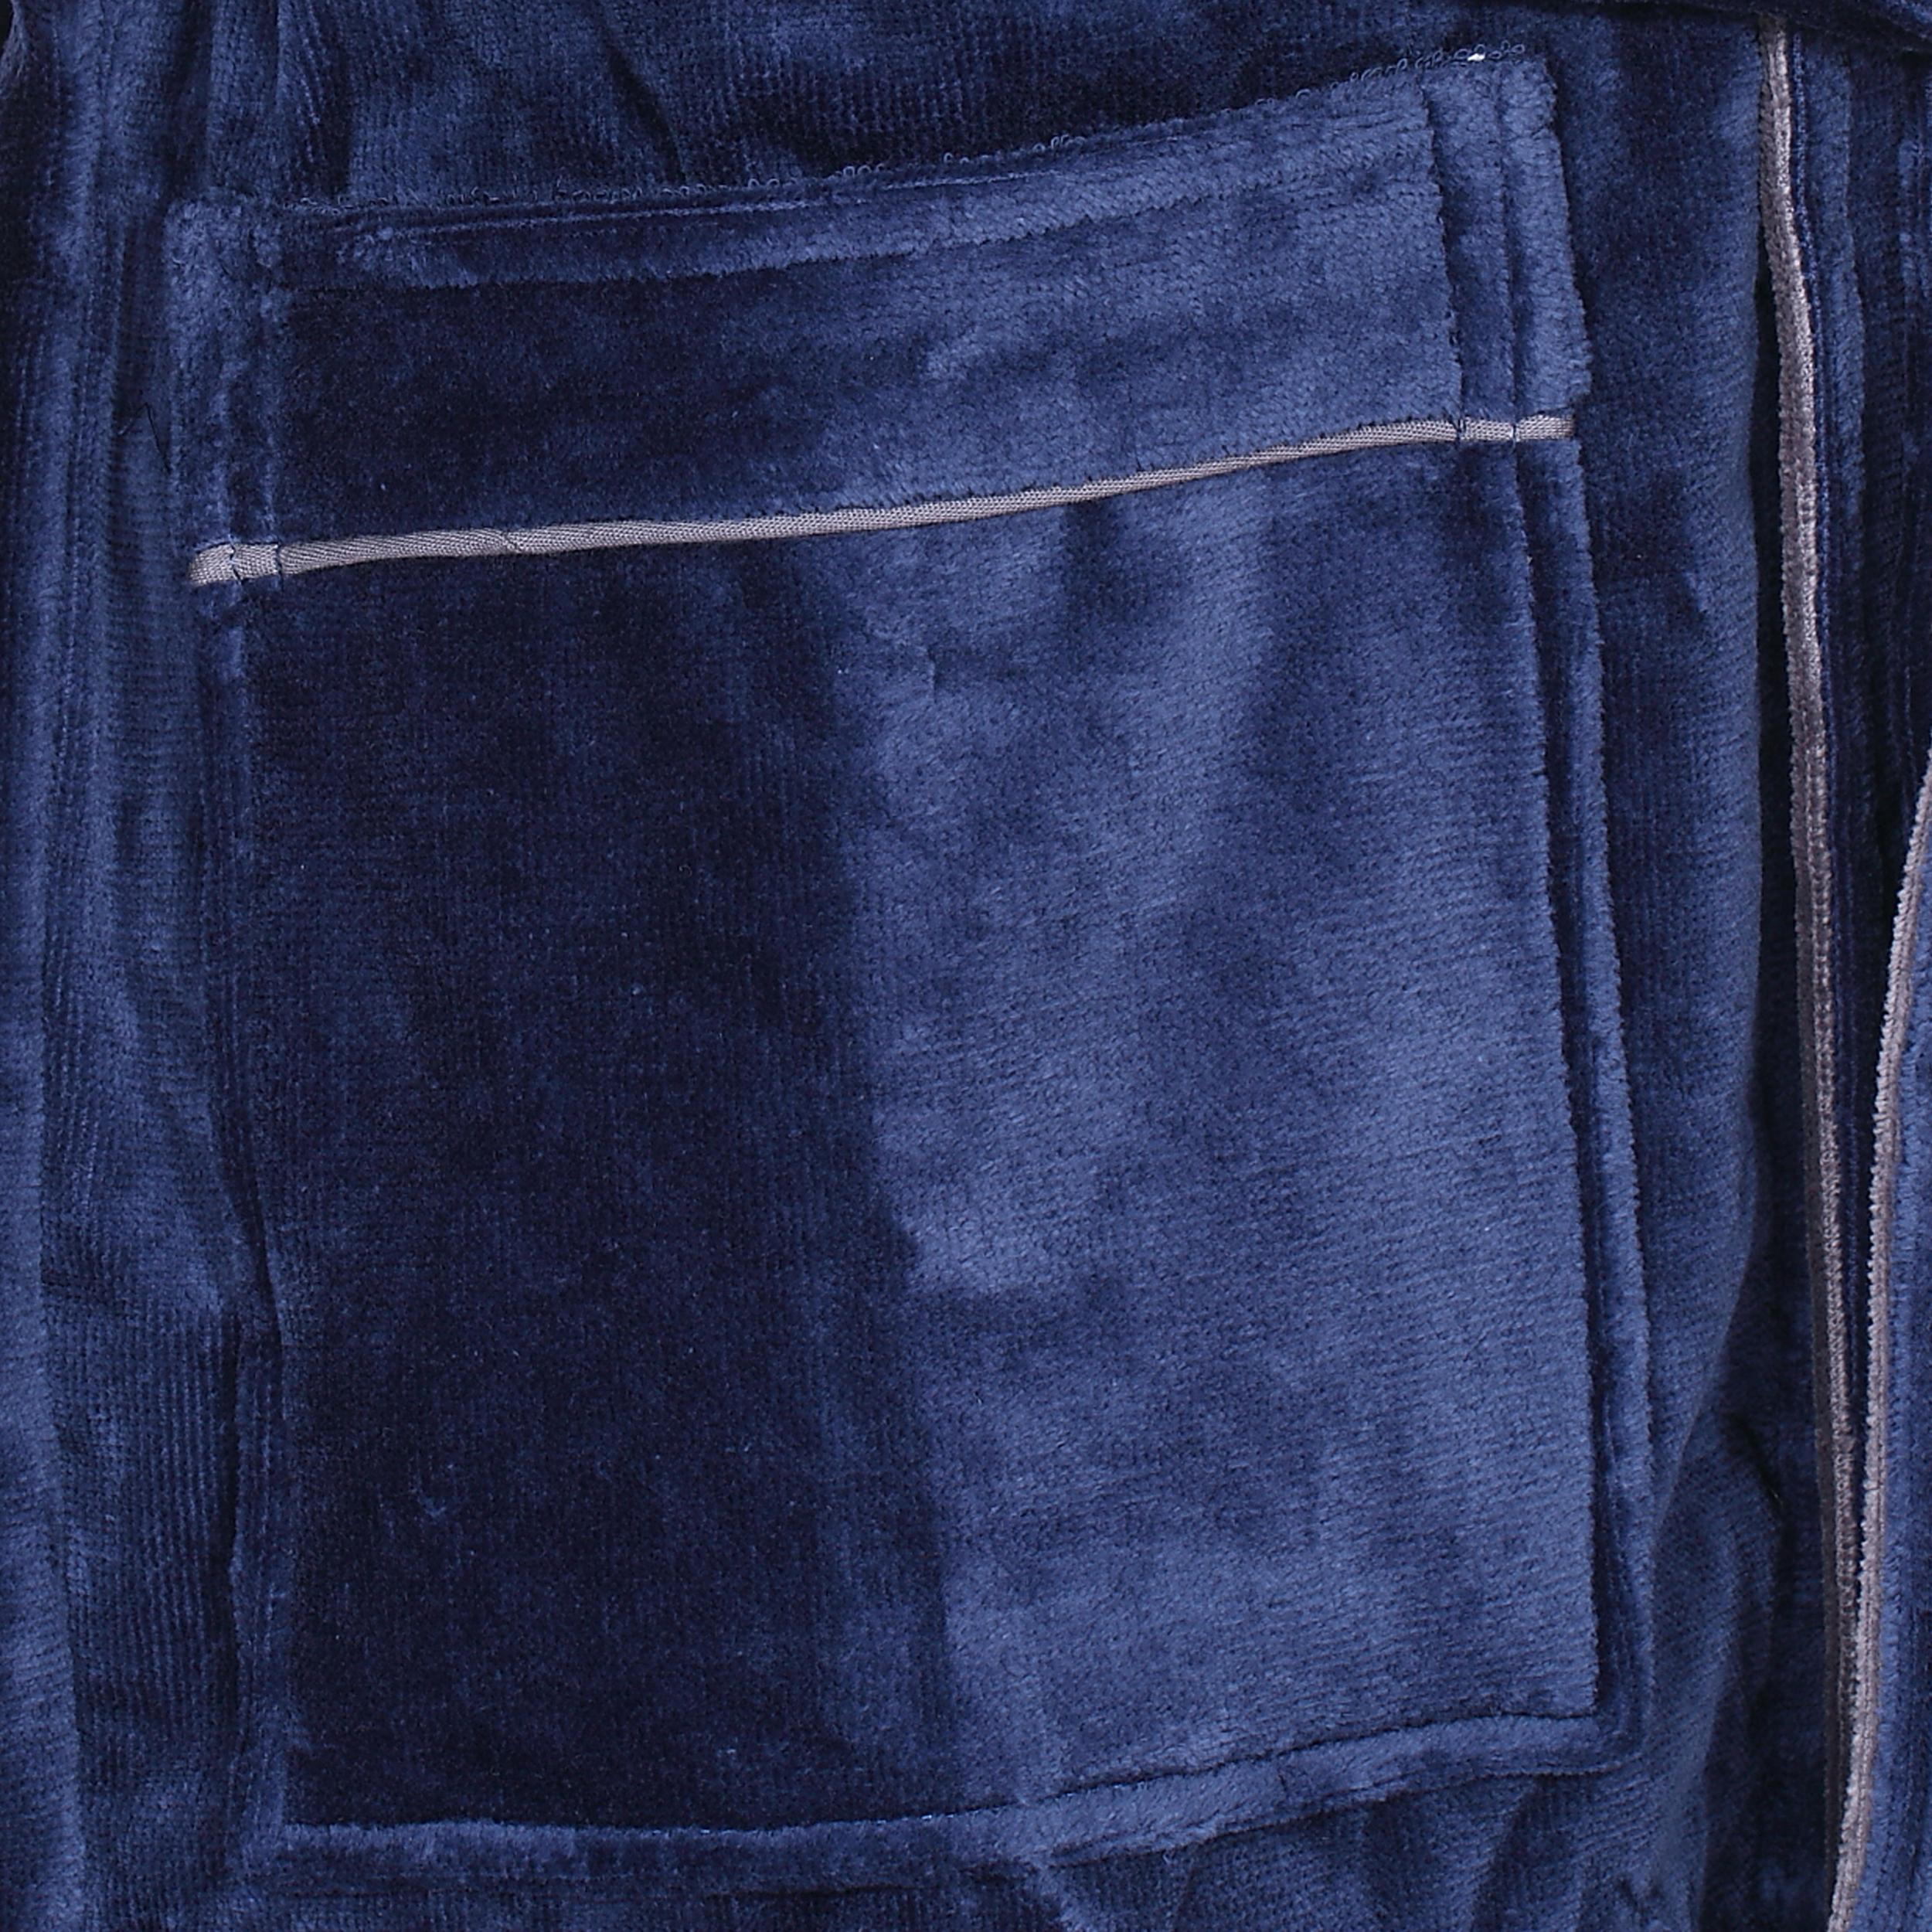 Peignoir eponge Mariner marine et gris a exterieur en velours-3-0.jpg 2b481e2380a